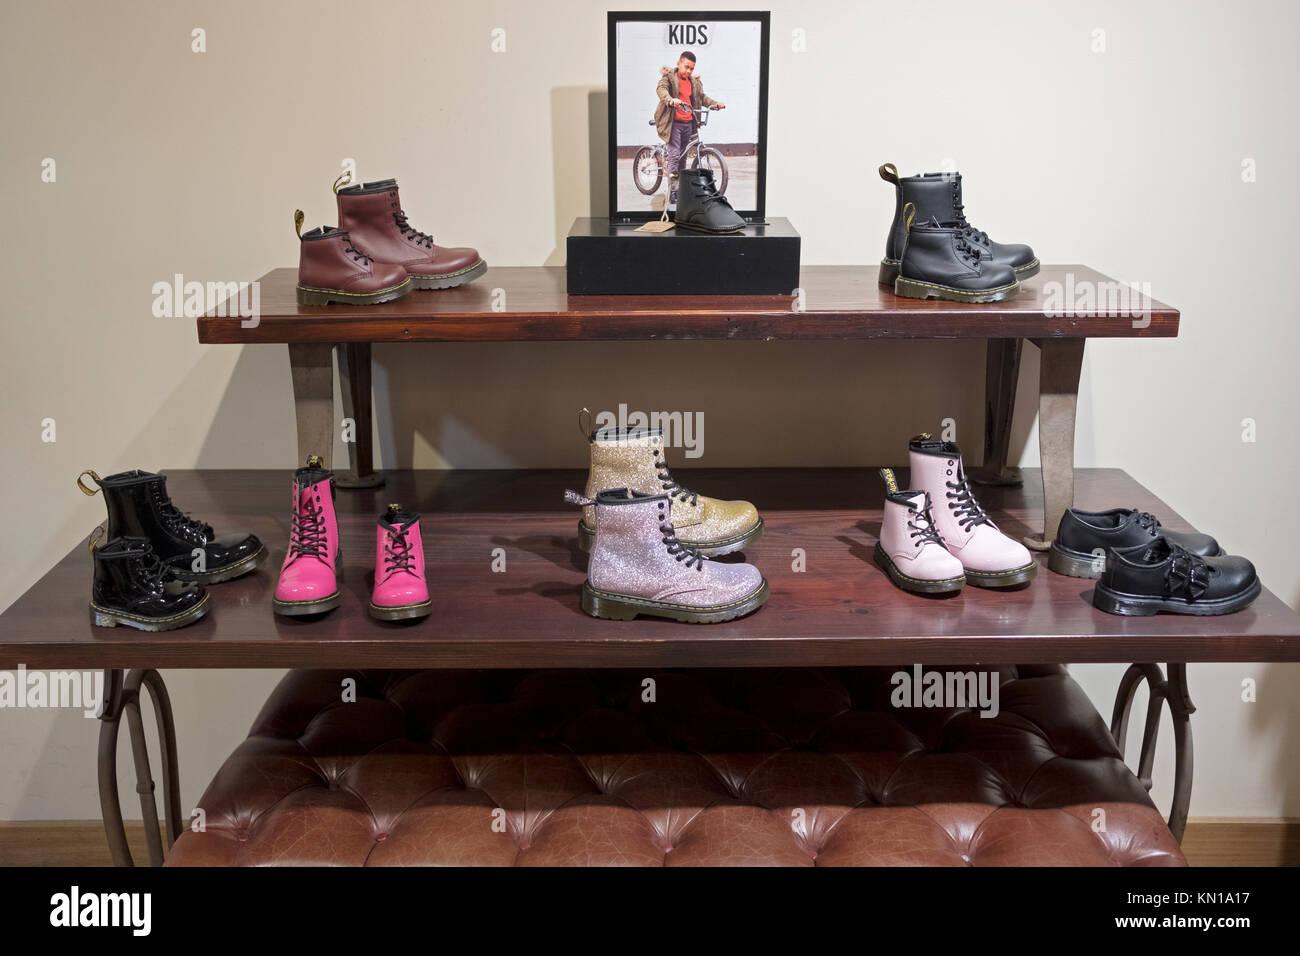 975fd2e0f Una muestra de los zapatos para niños a la venta en la tienda de Doc Martens